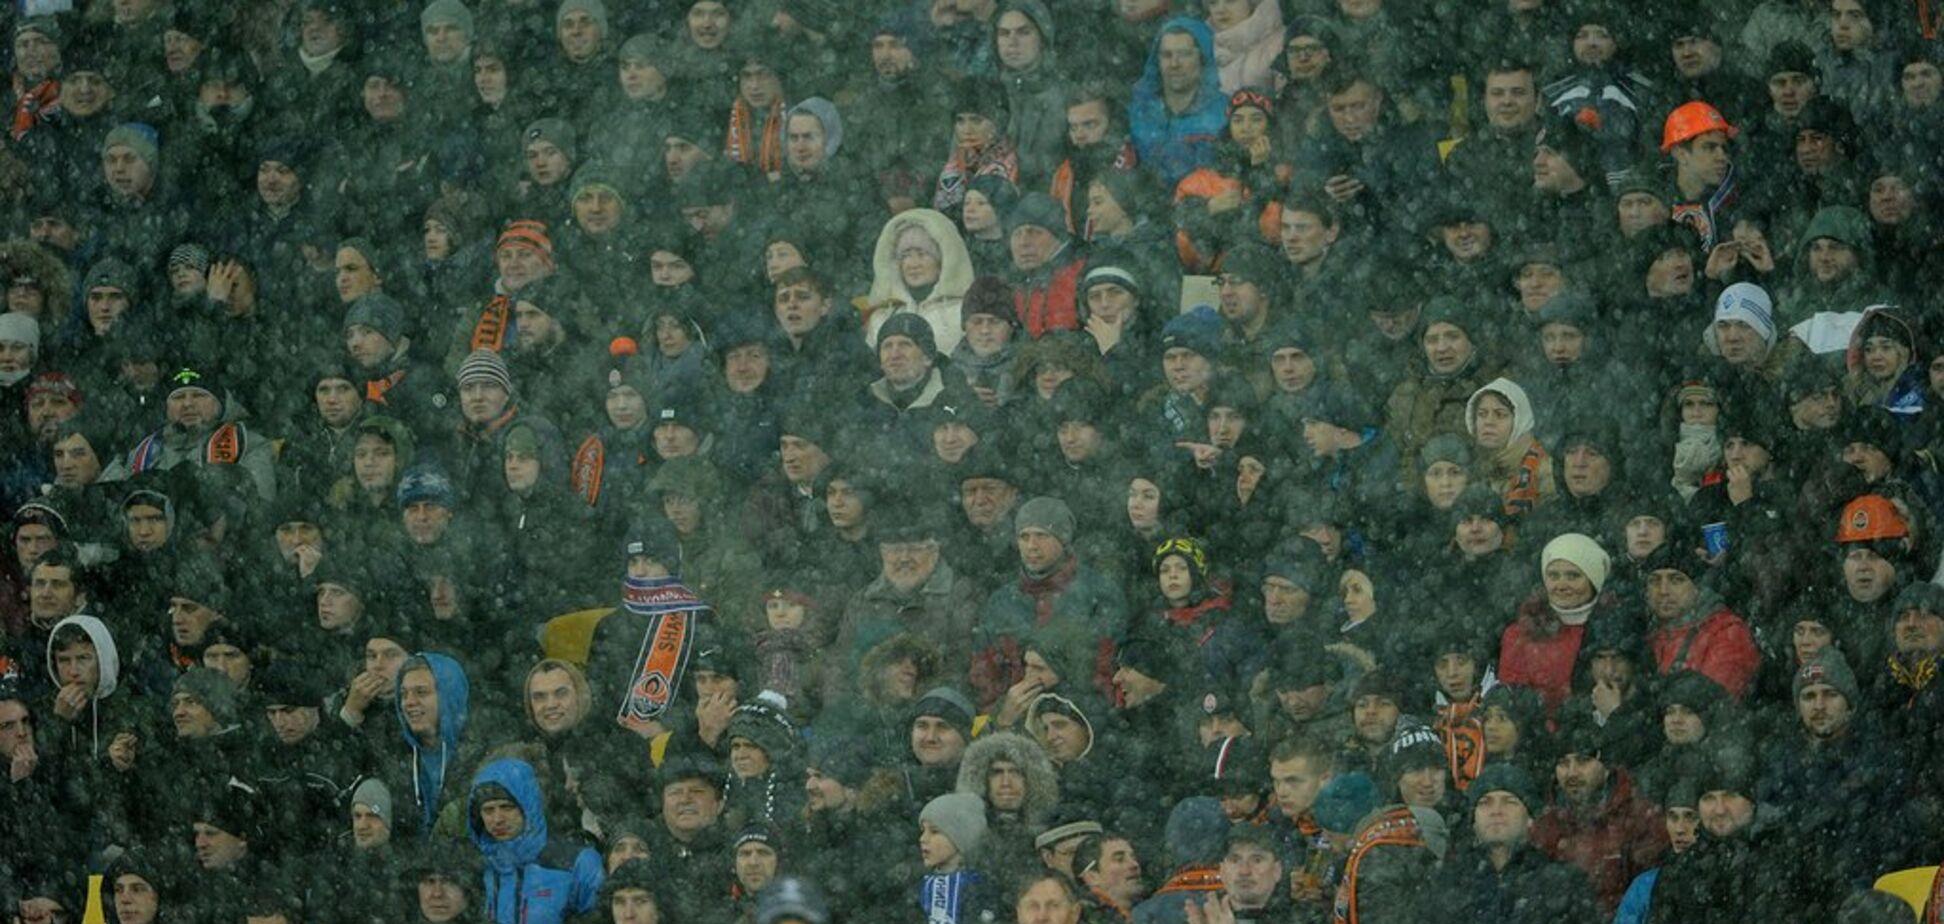 ''Вам тут не рады'': болельщики в Киеве передали жесткий привет 'Шахтеру' на матче Лиги чемпионов